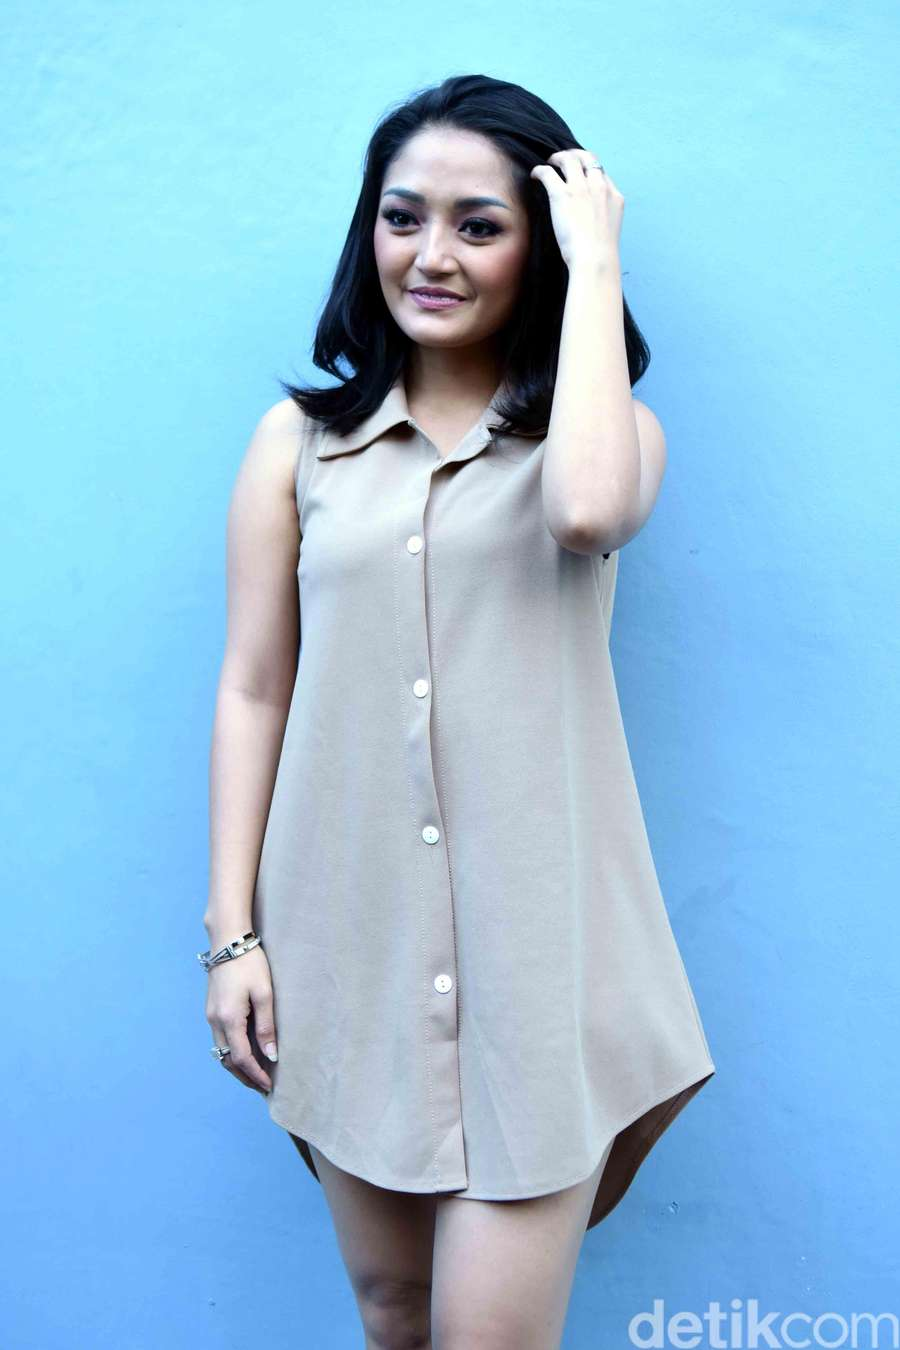 Siti badriah jadi lebih chubby nih for Siti di foto